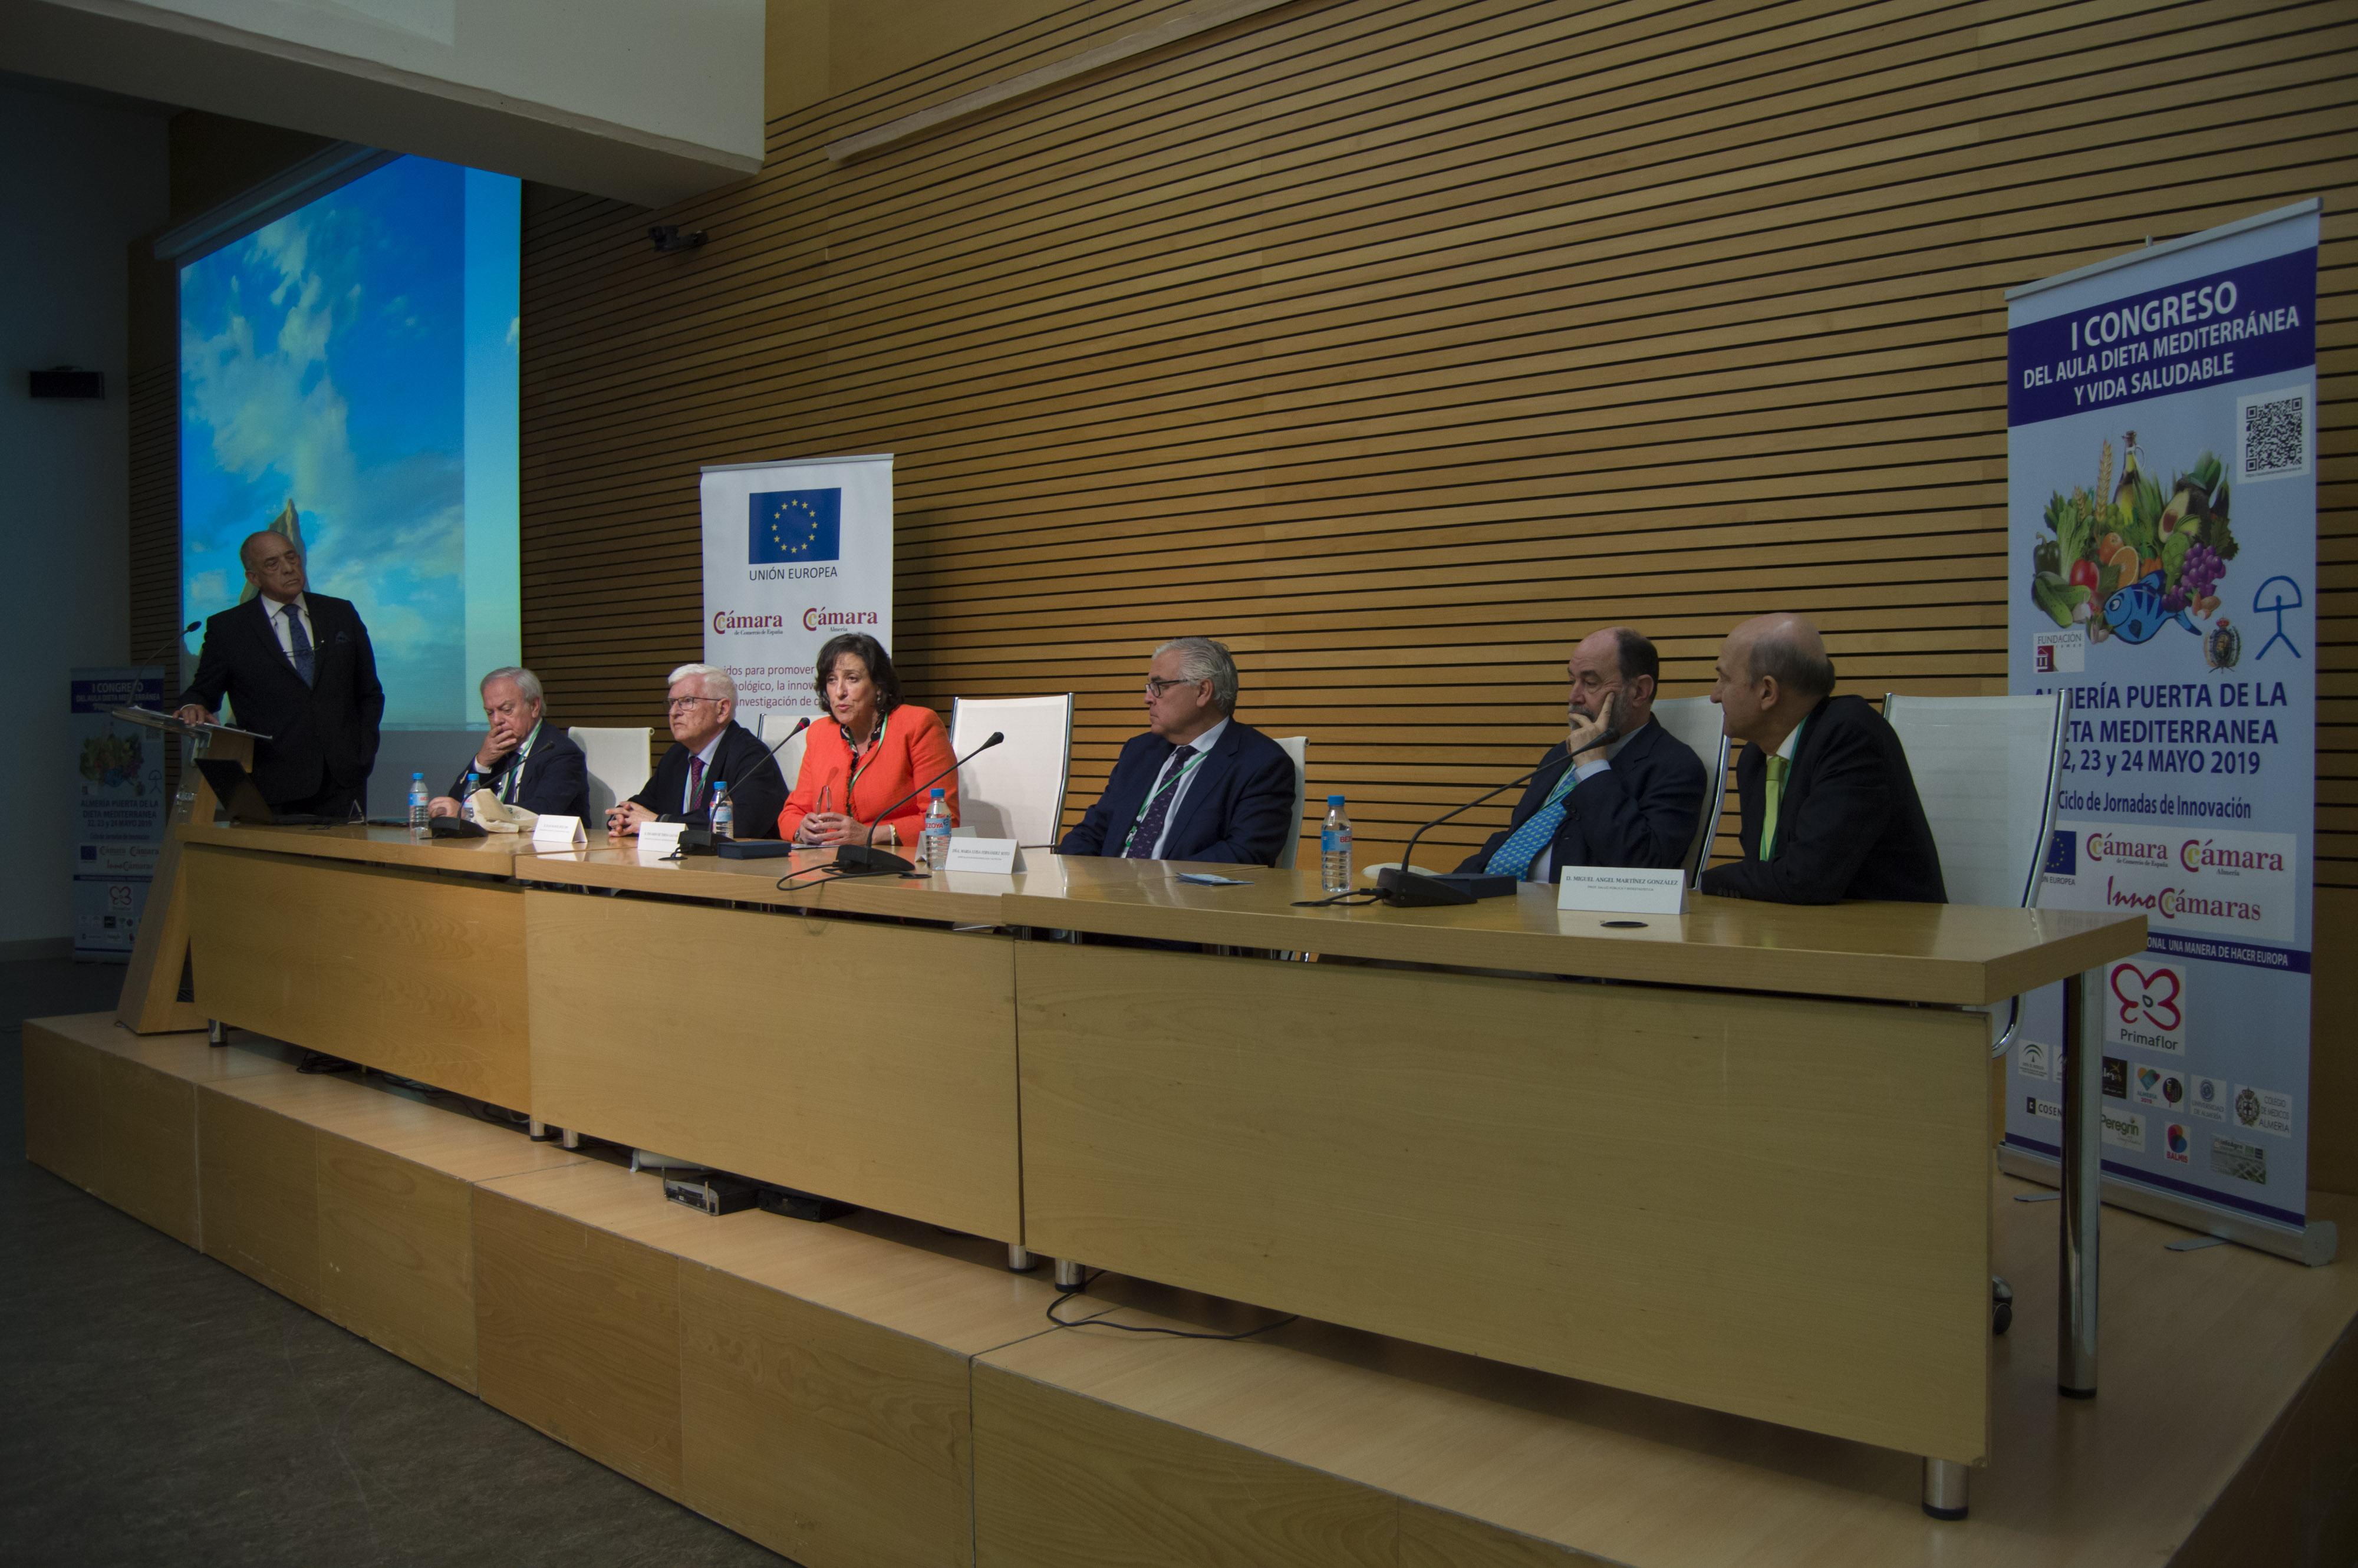 La buena alimentación cobra protagonismo en el Congreso de la Dieta Mediterránea